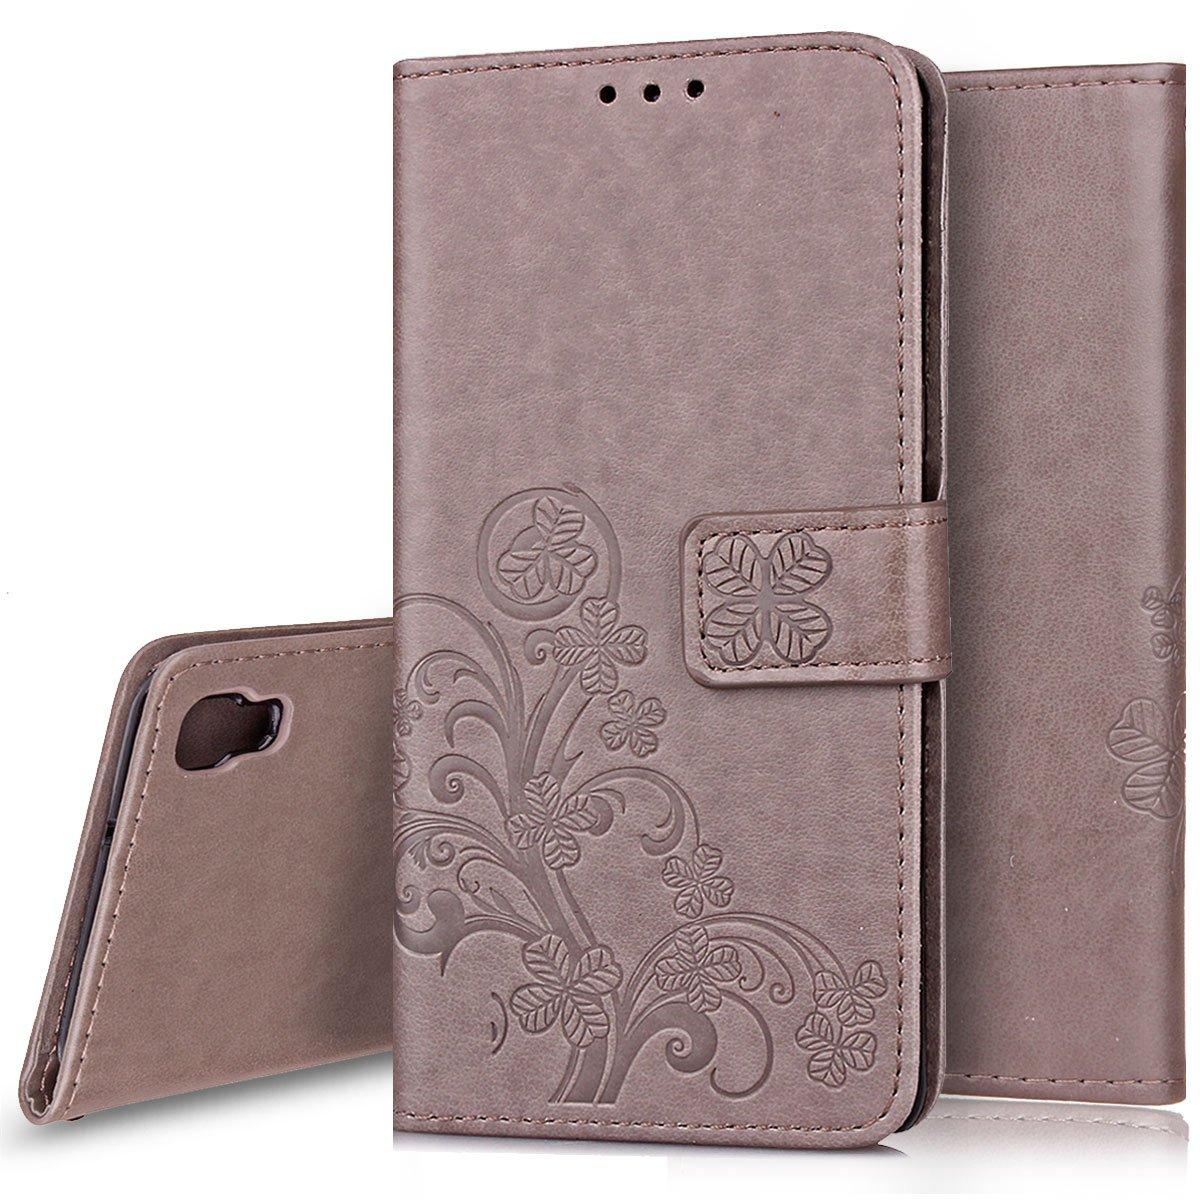 Ukayfe Custodia LG X Power Flip Cover Wallet Case Custodia in Pelle PU con Trifoglio Disegno con Super Sottile Morbido Silicone TPU Interno Case Protettiva Cover Copertura per LG X Power-Grigio